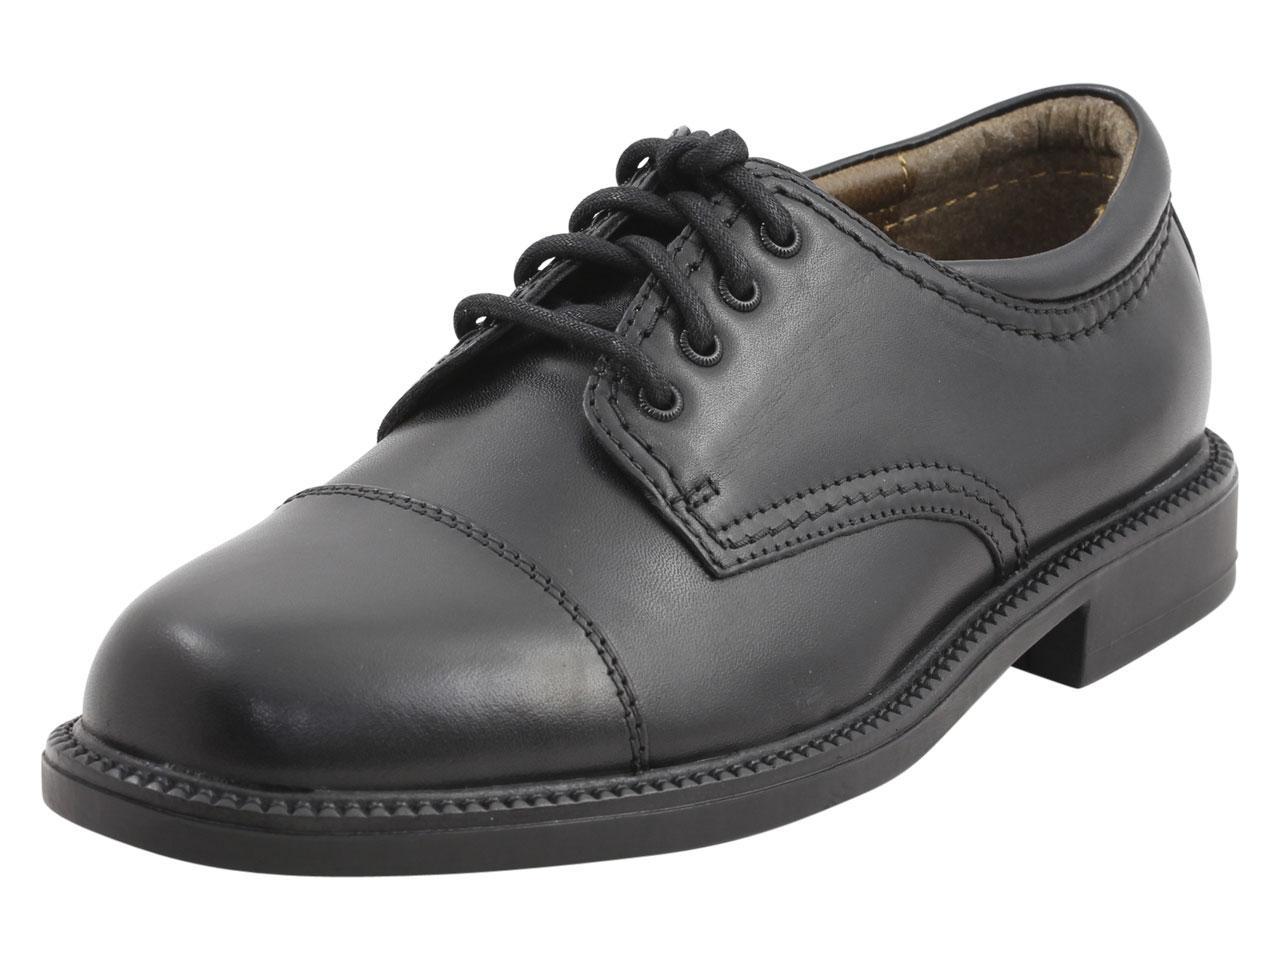 Image of Dockers Men's Gordon Cap Toe Oxfords Shoes - Black - 8 D(M) US